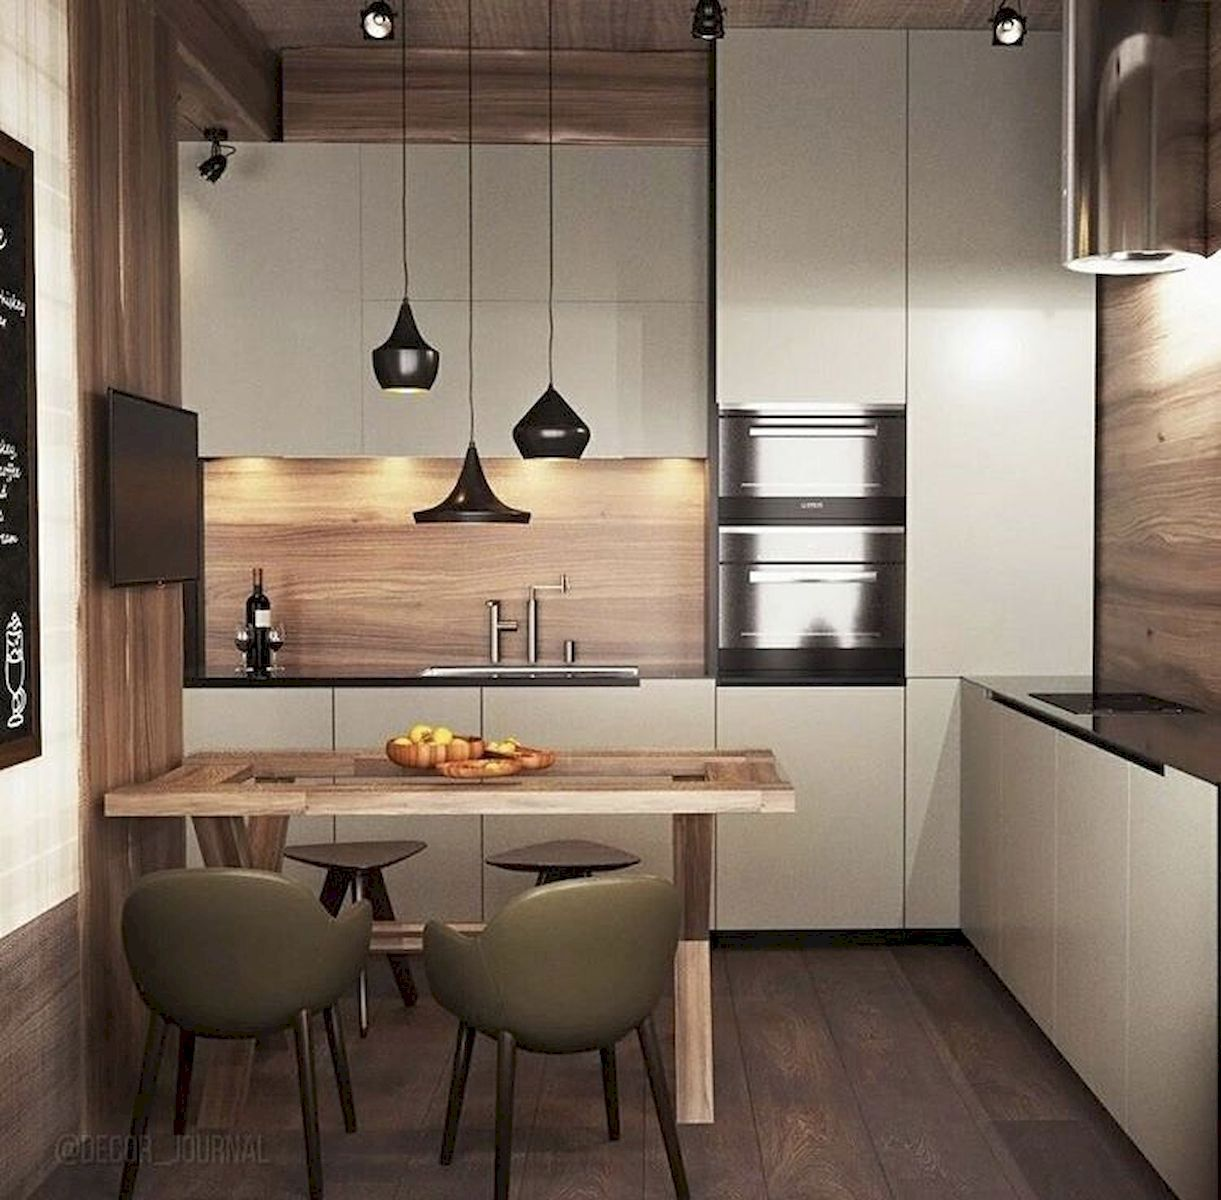 30+ Minimalist But Luxurious Kitchen Design #smallkitchendesigns